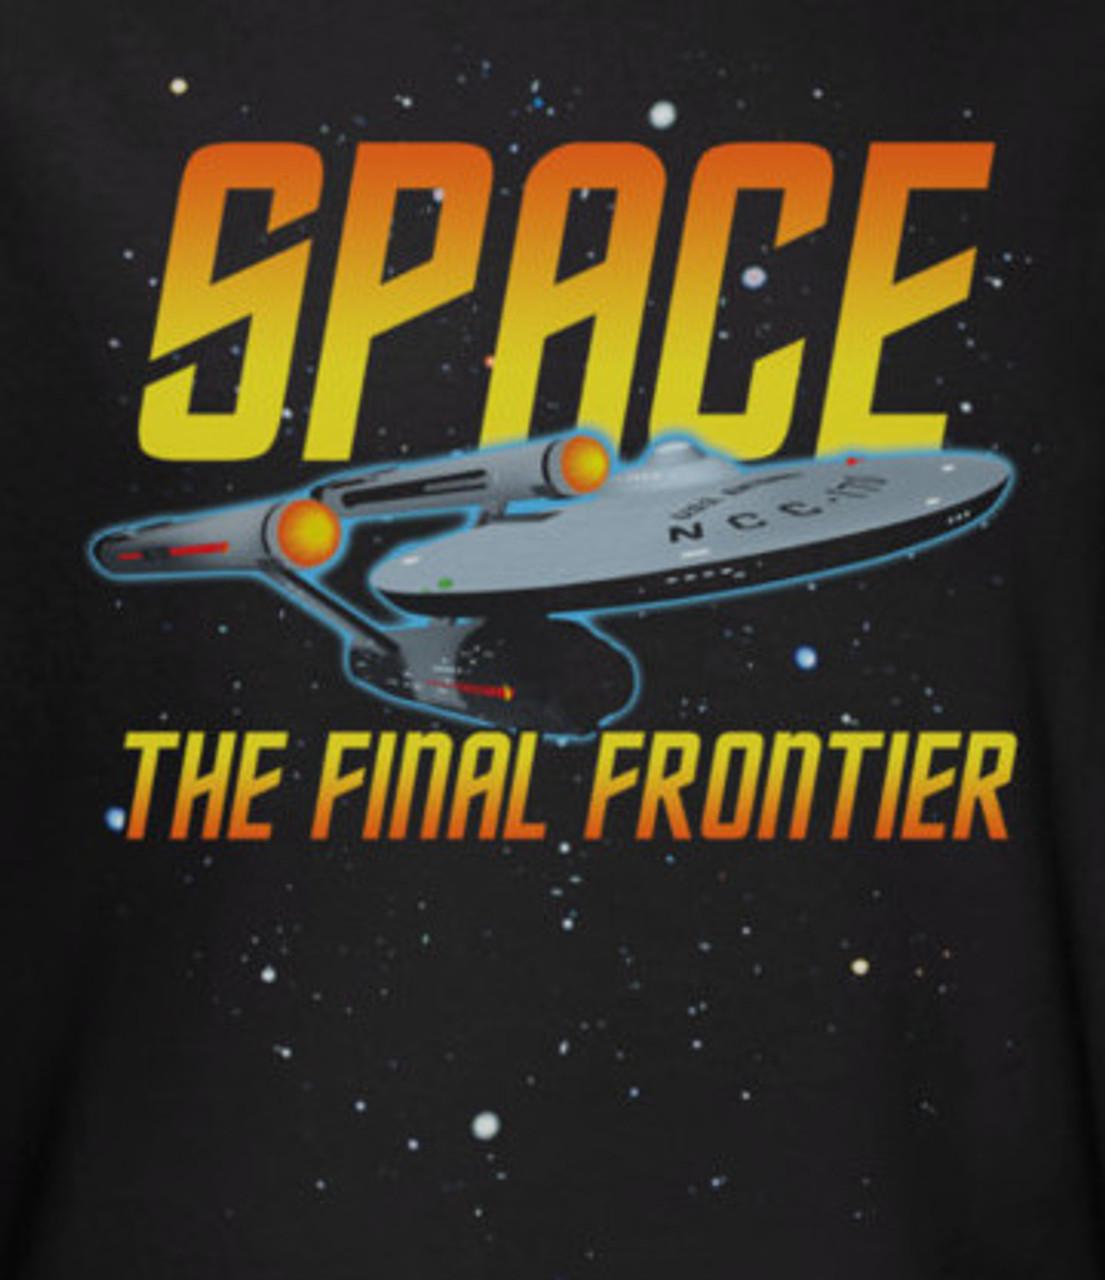 Star Trek Enterprise Space Final Frontier Licensed Sweatshirt Hoodie